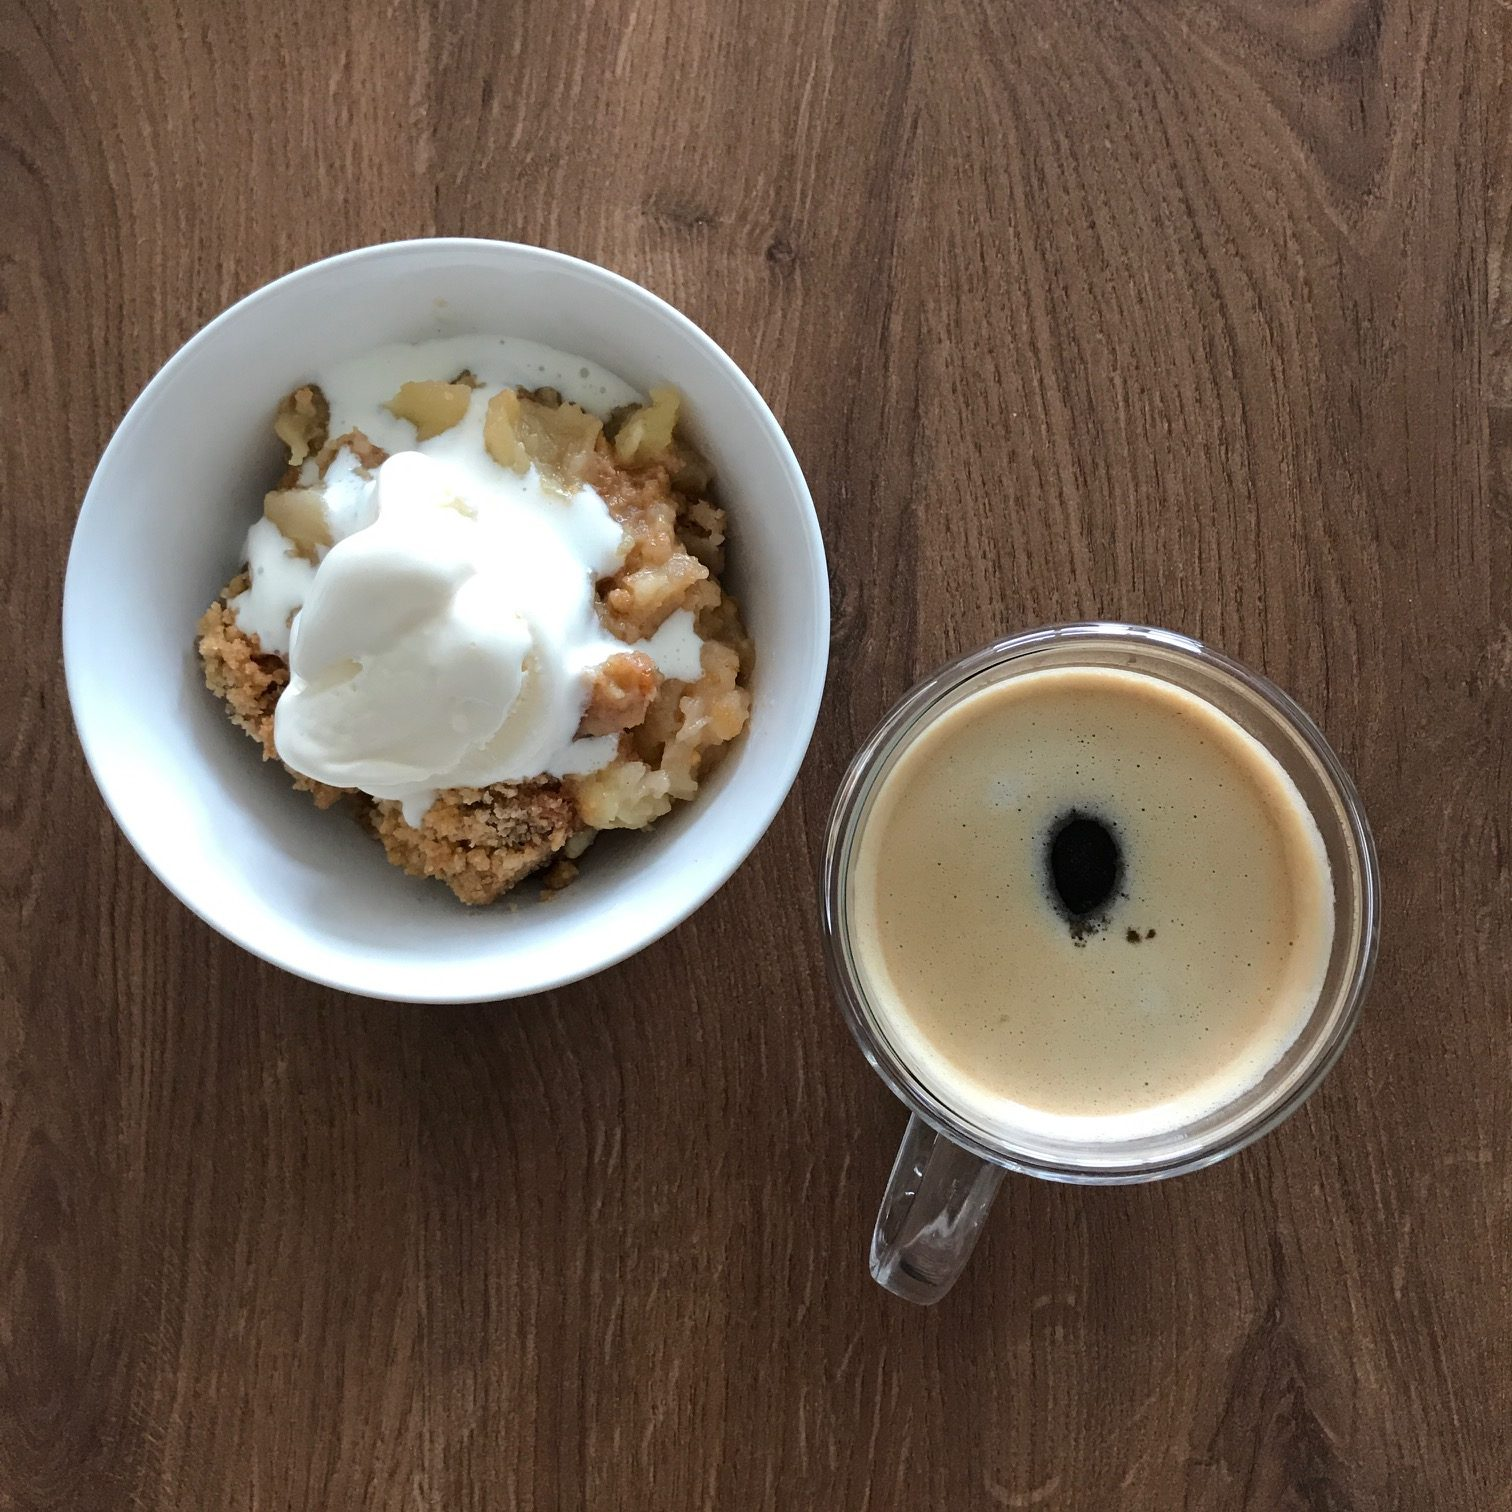 szarlotka z lodami w miseczce z kawą na ławie jabłka pod kruszonką